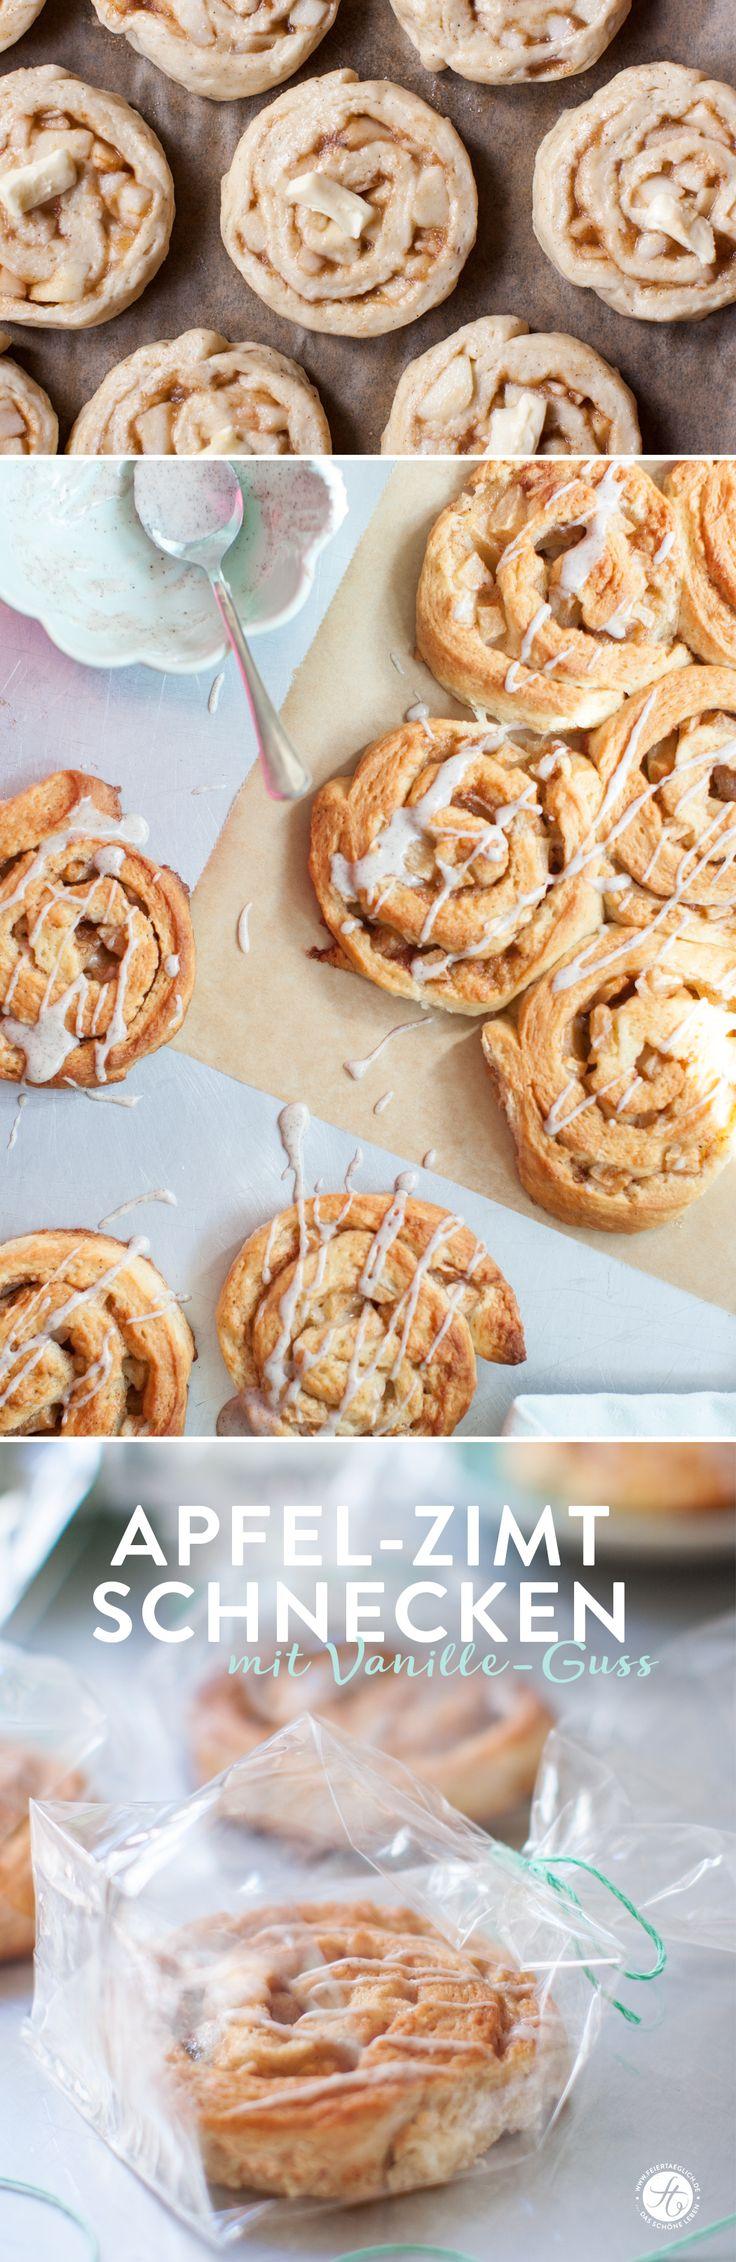 Apfel-Zimt-Schnecken mit Vanille-Guss, ein Rezept für knusprige und zugleich…